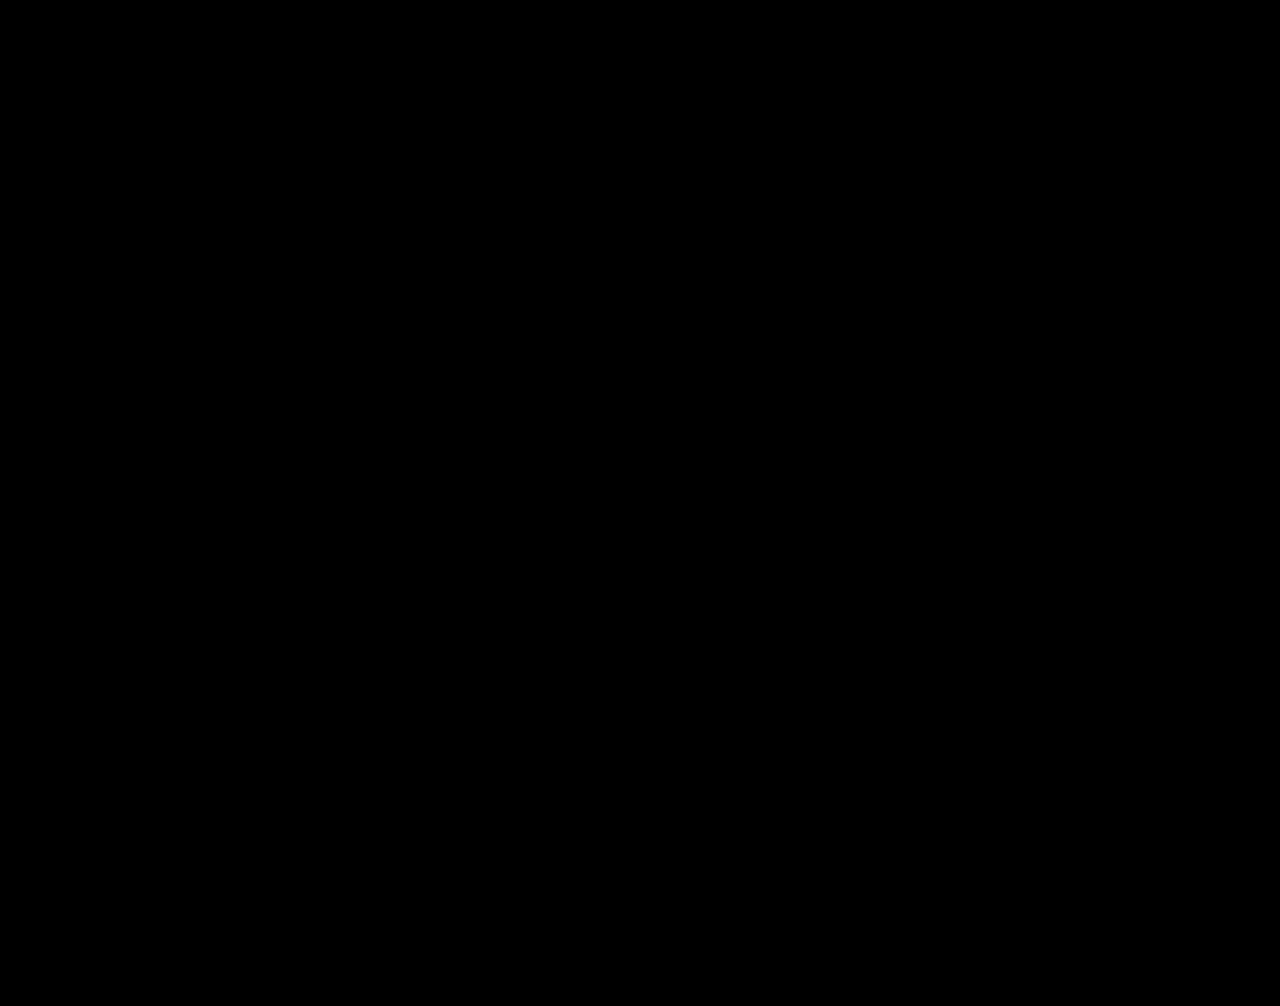 pioneer-plaque1.png (1280×1006)